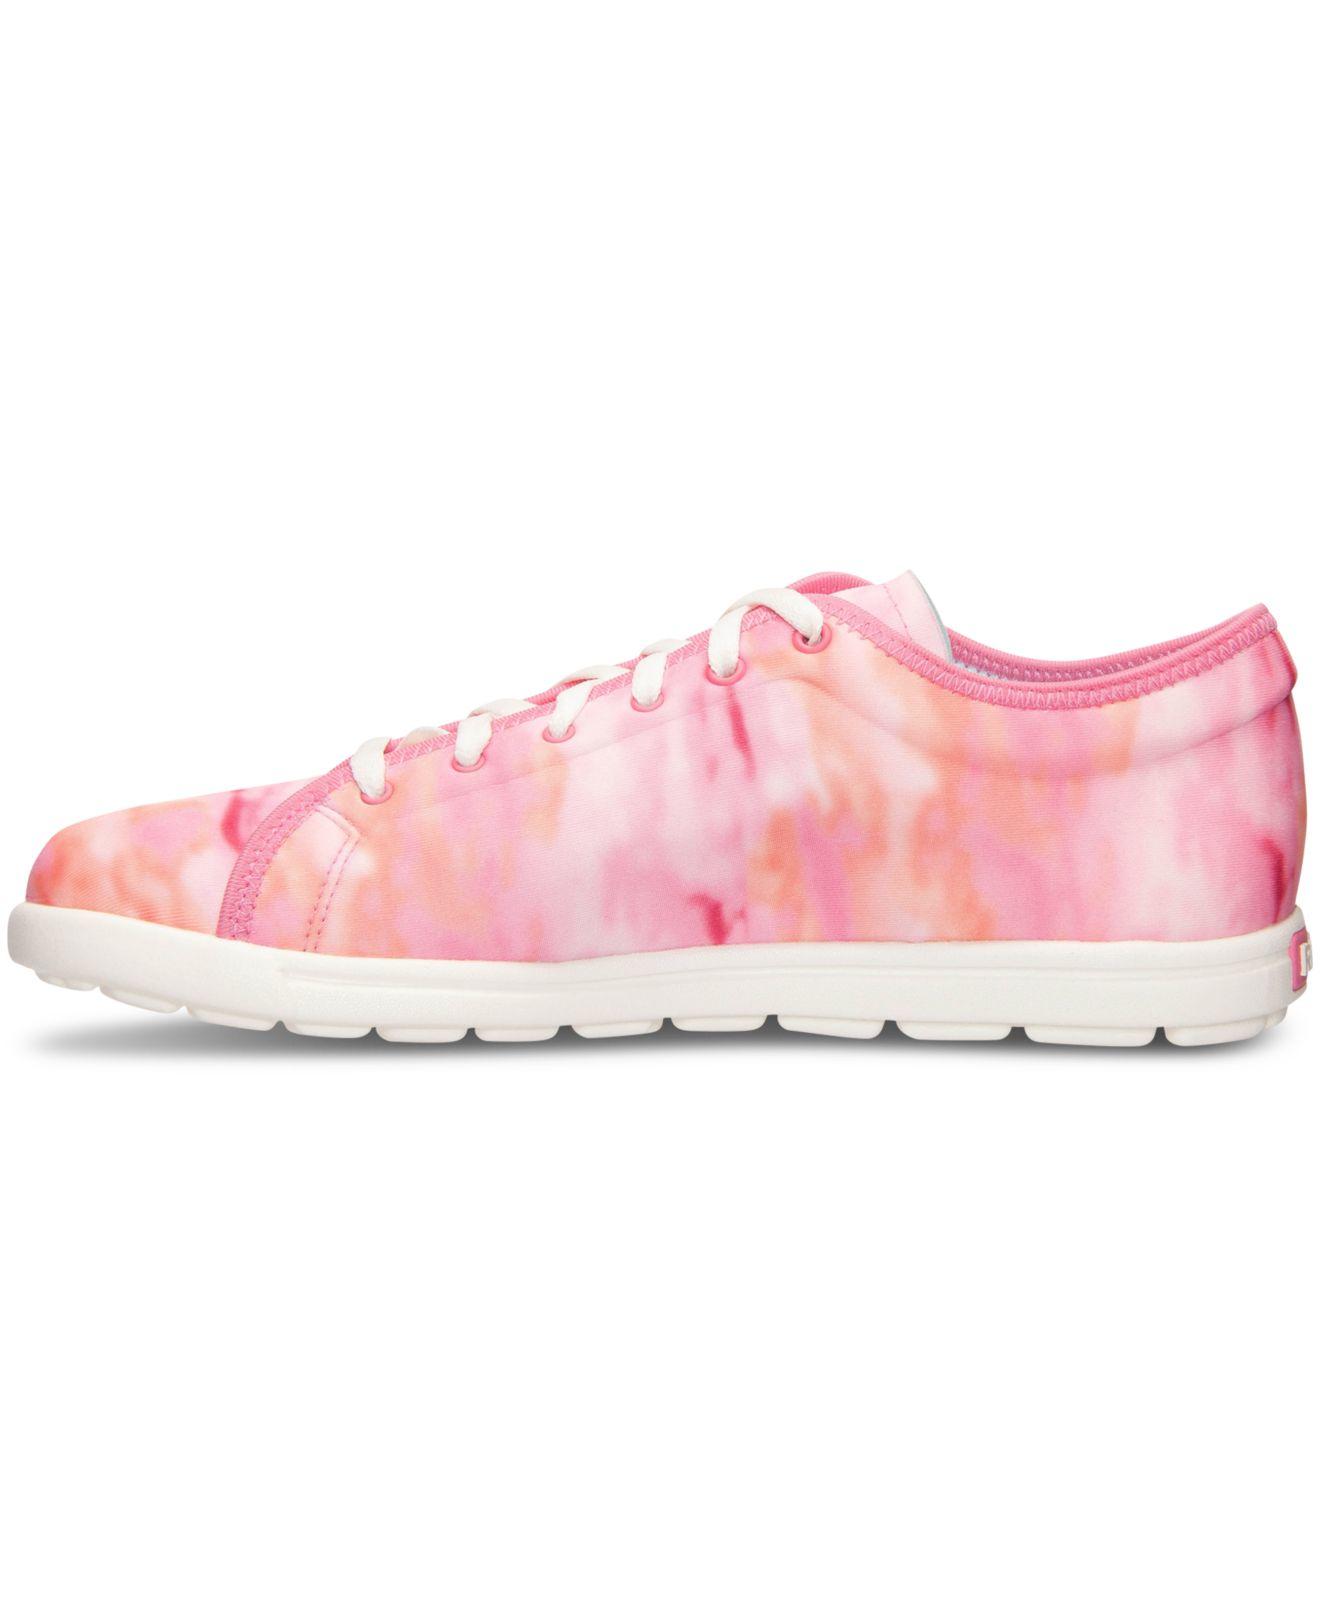 reebok skyscape walking shoes